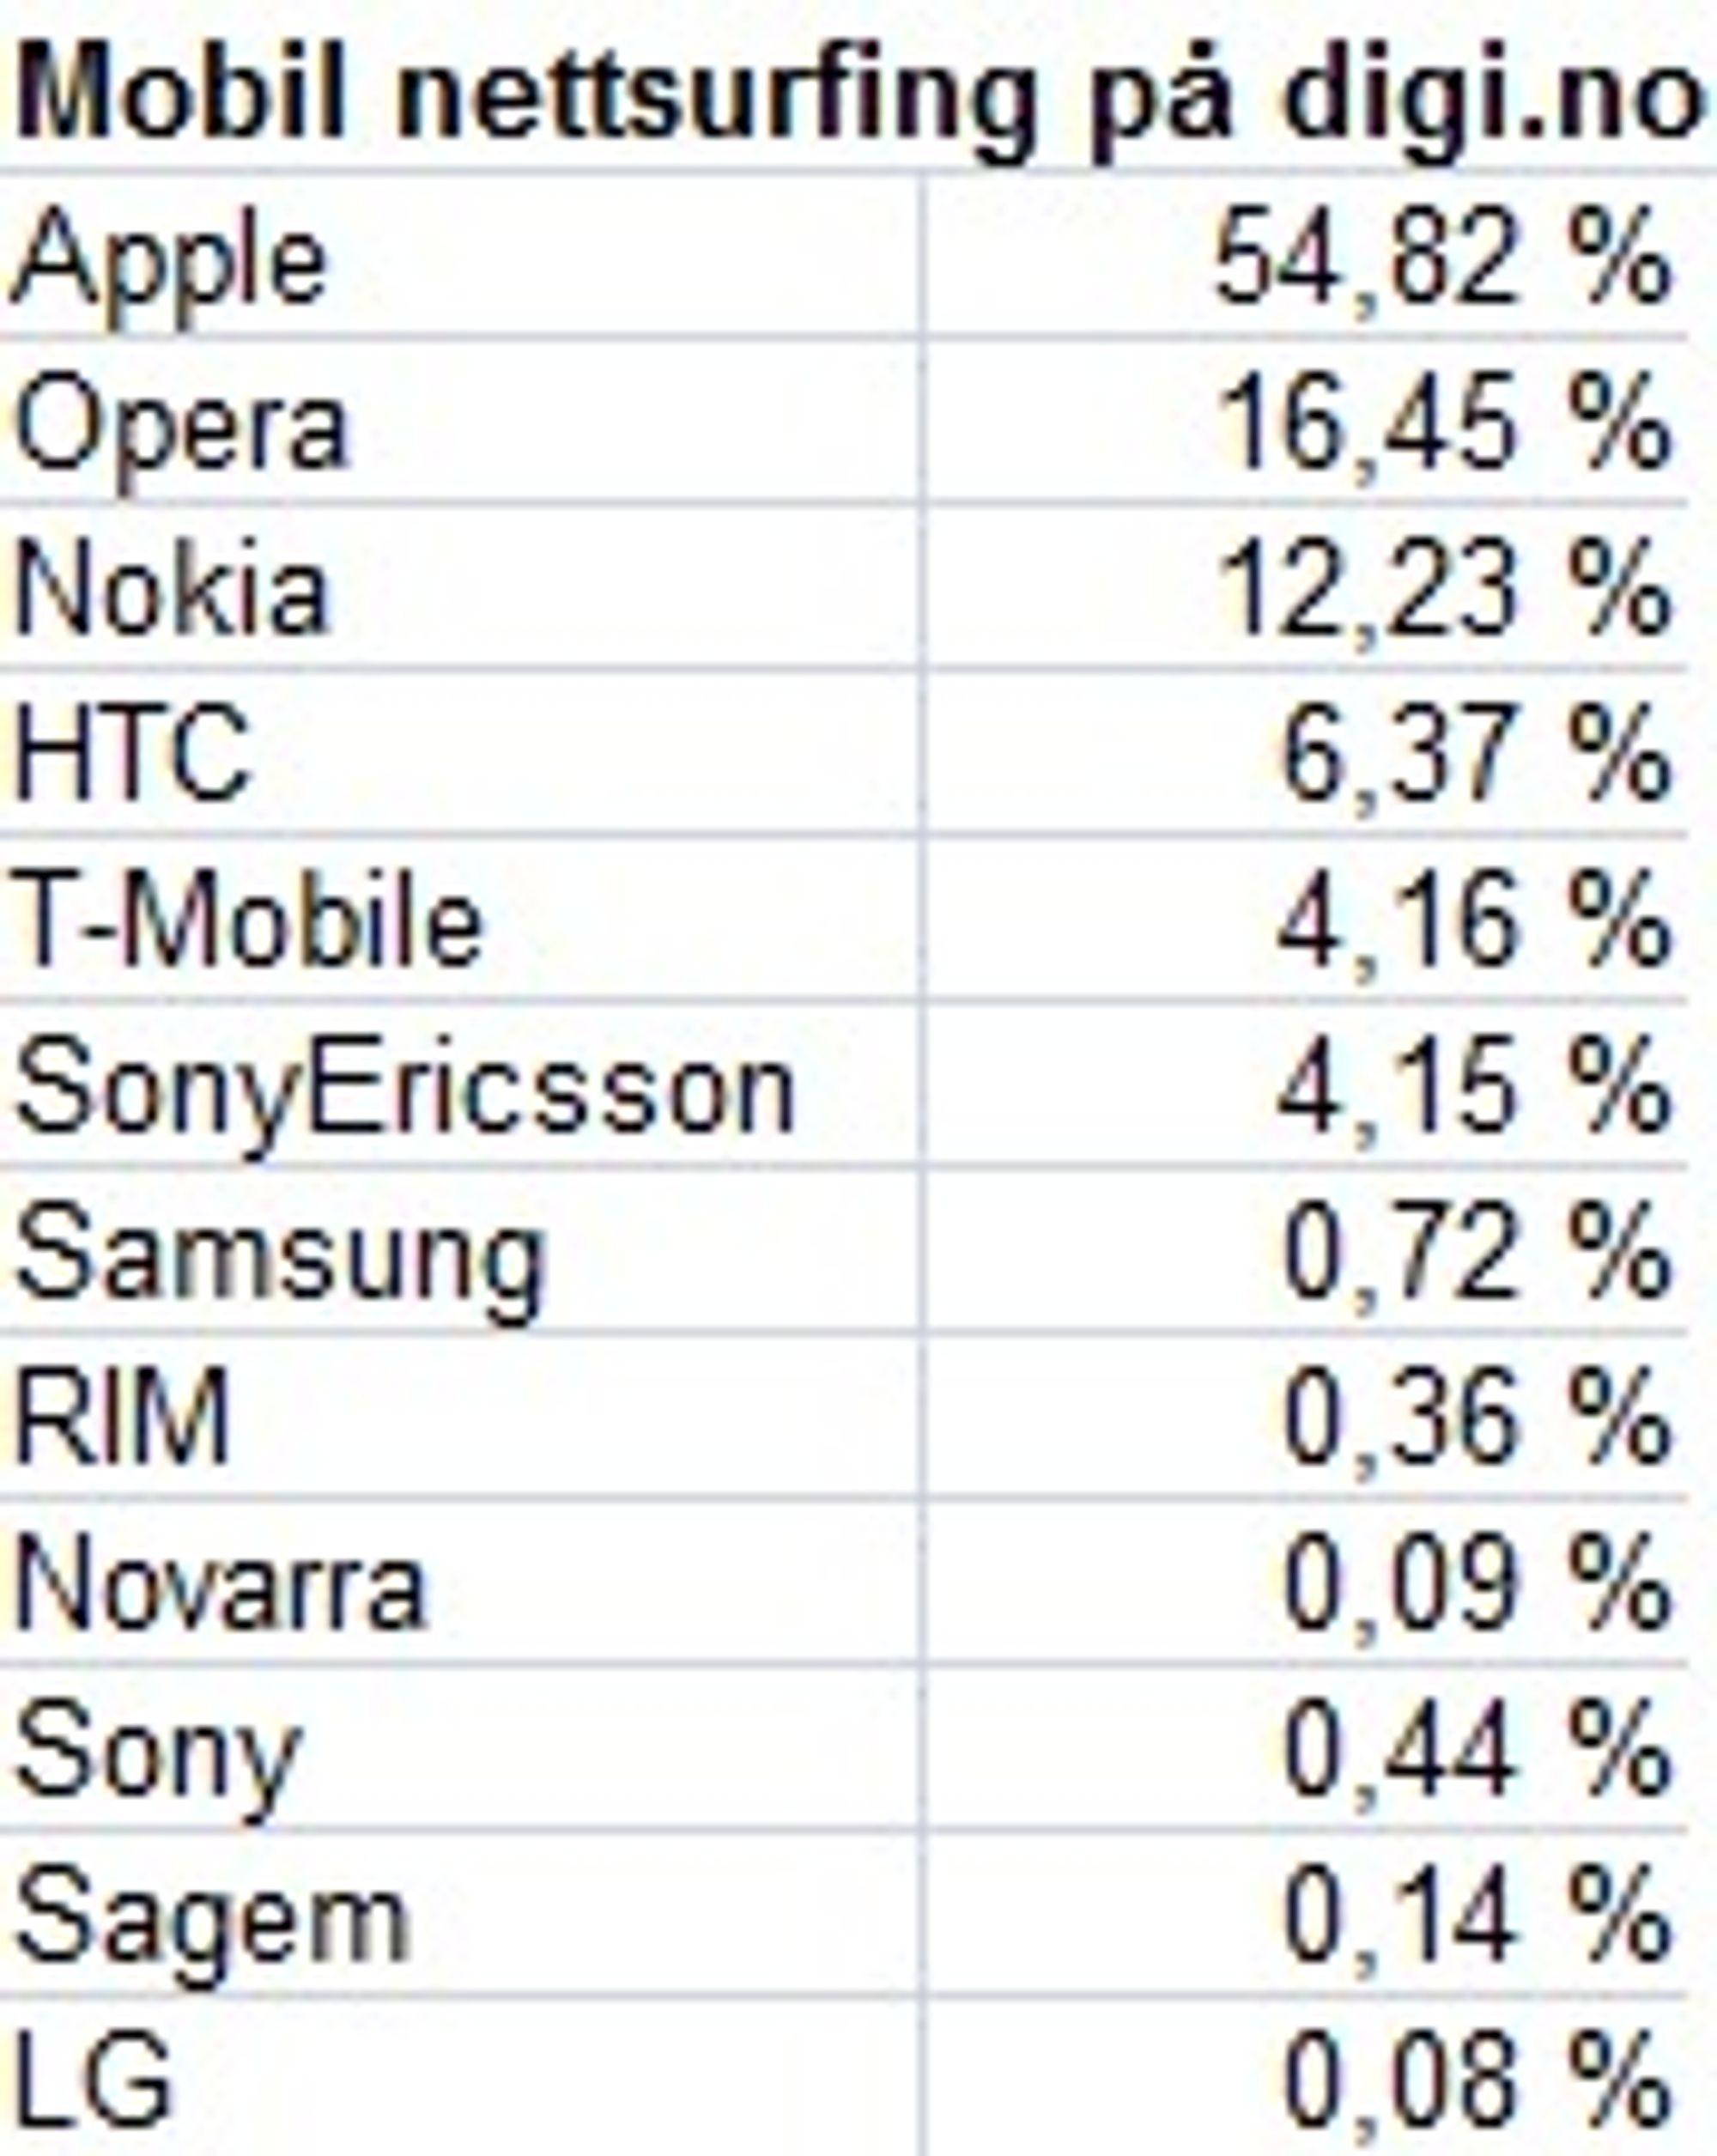 Mobiltelefoner brukt til å surfe mobilutgaven til digi.no i uke 35, 2009. (Kilde: TNS Gallup)